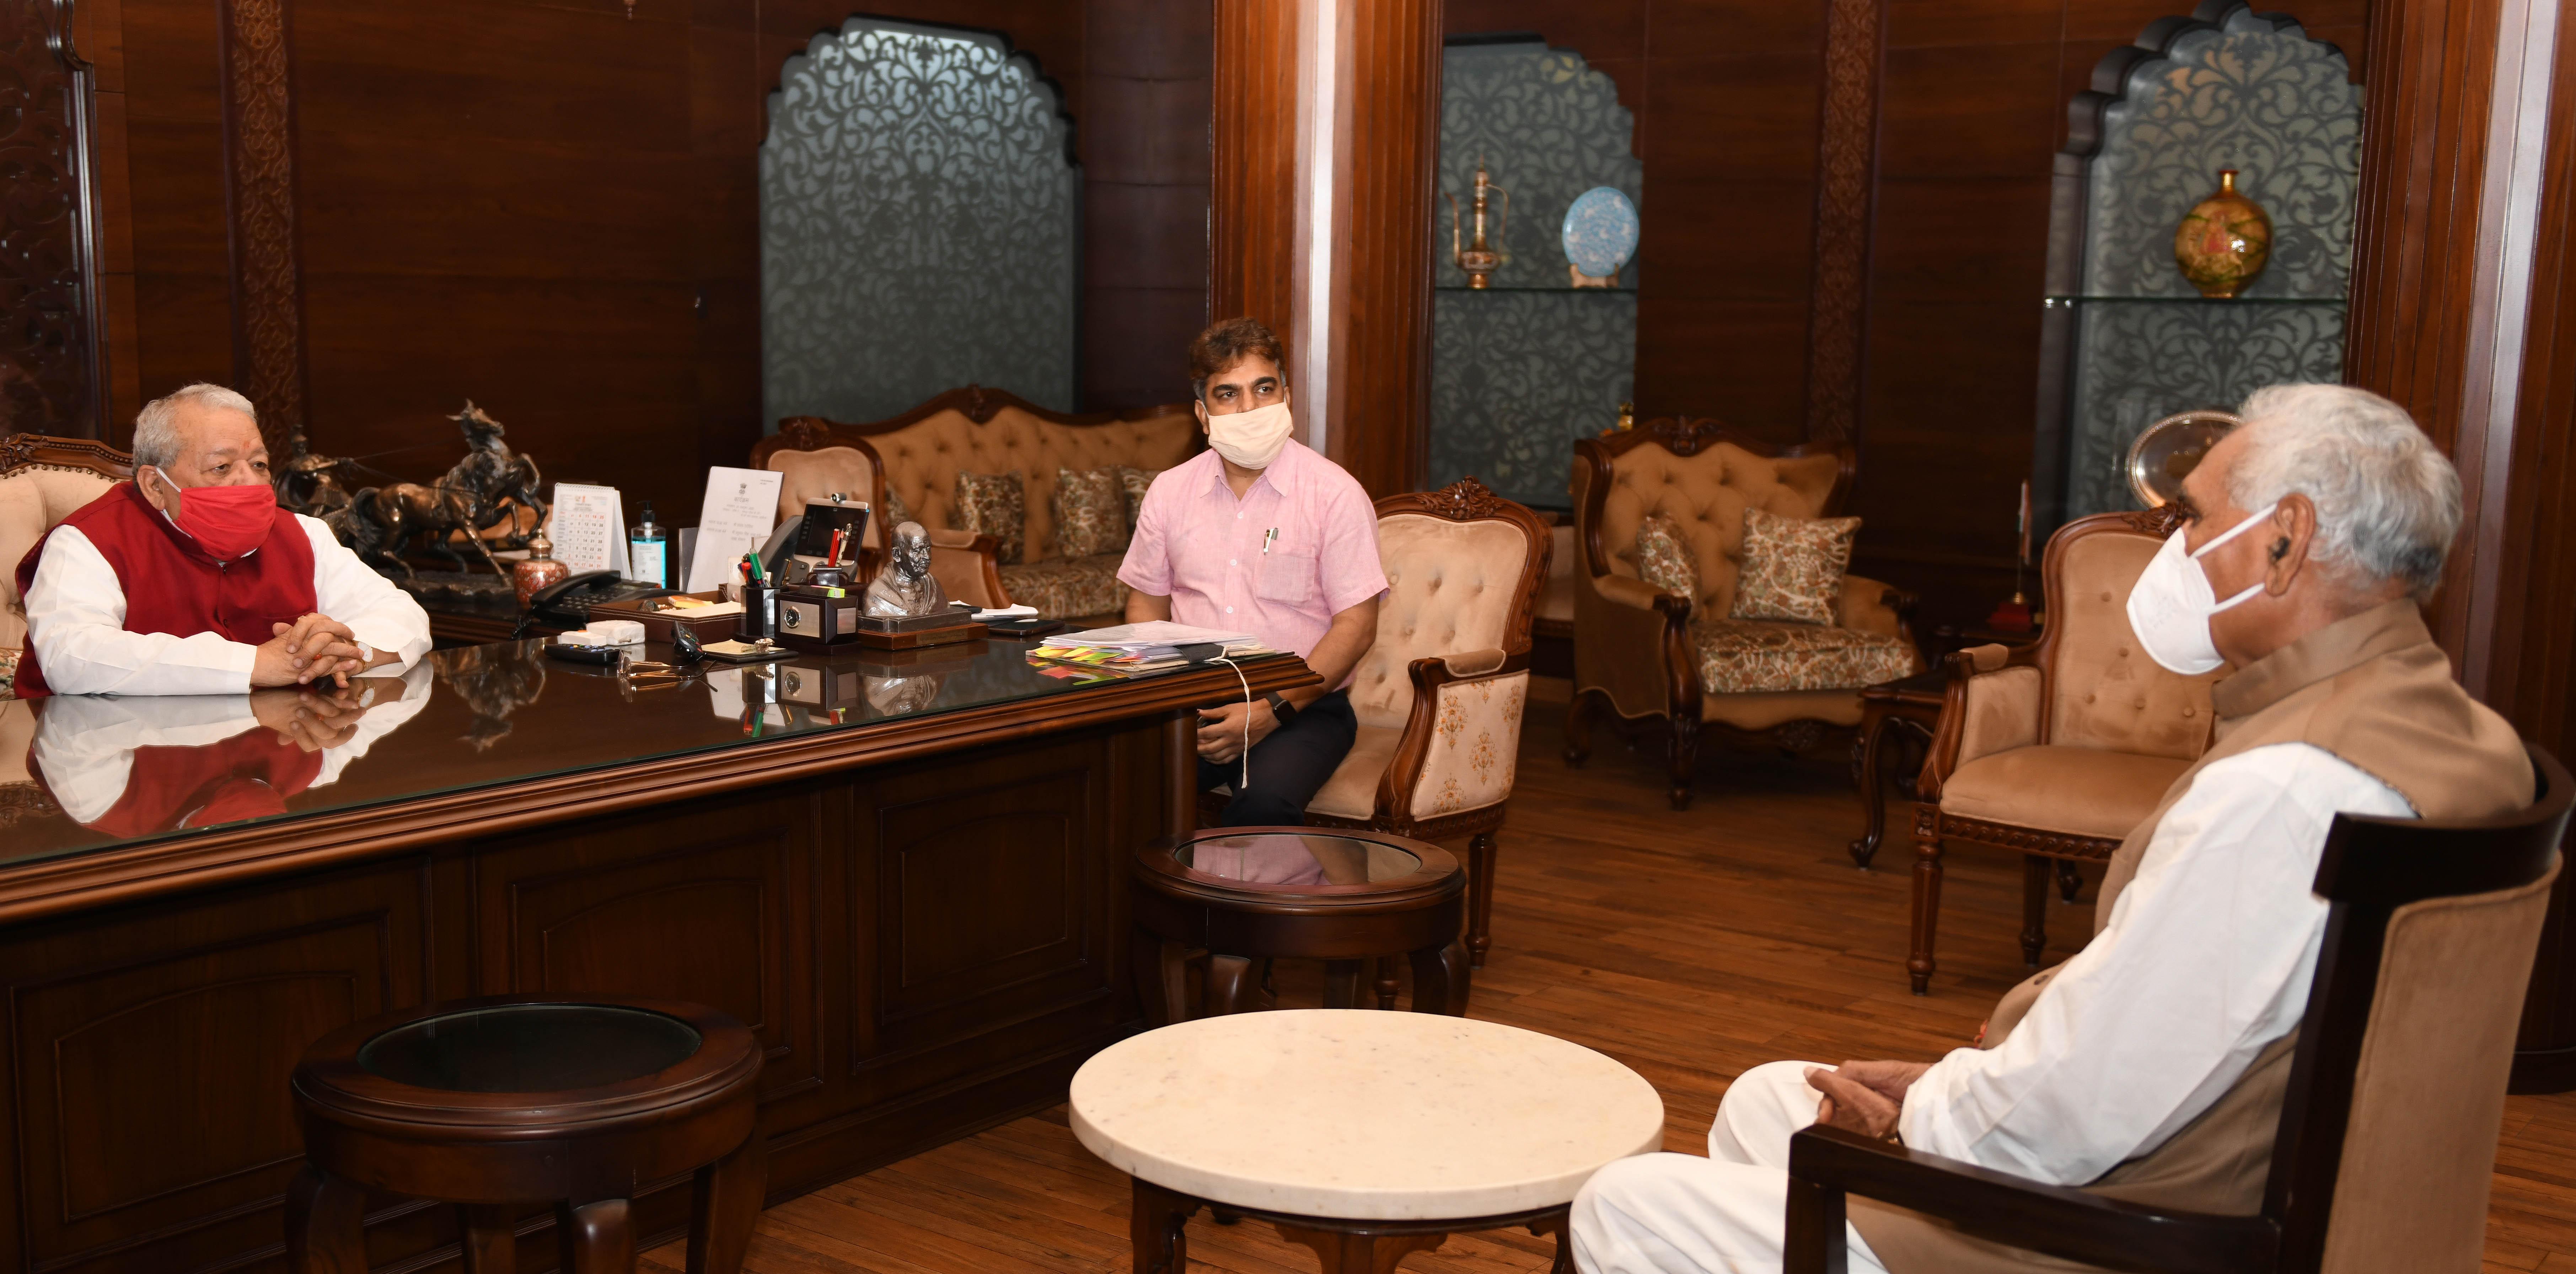 उत्तरप्रदेश  सरकार में श्रम एवं सेवायोजन परामर्शदात्री समिति के अध्यक्ष श्री रघुराज सिंह से मुलाकात